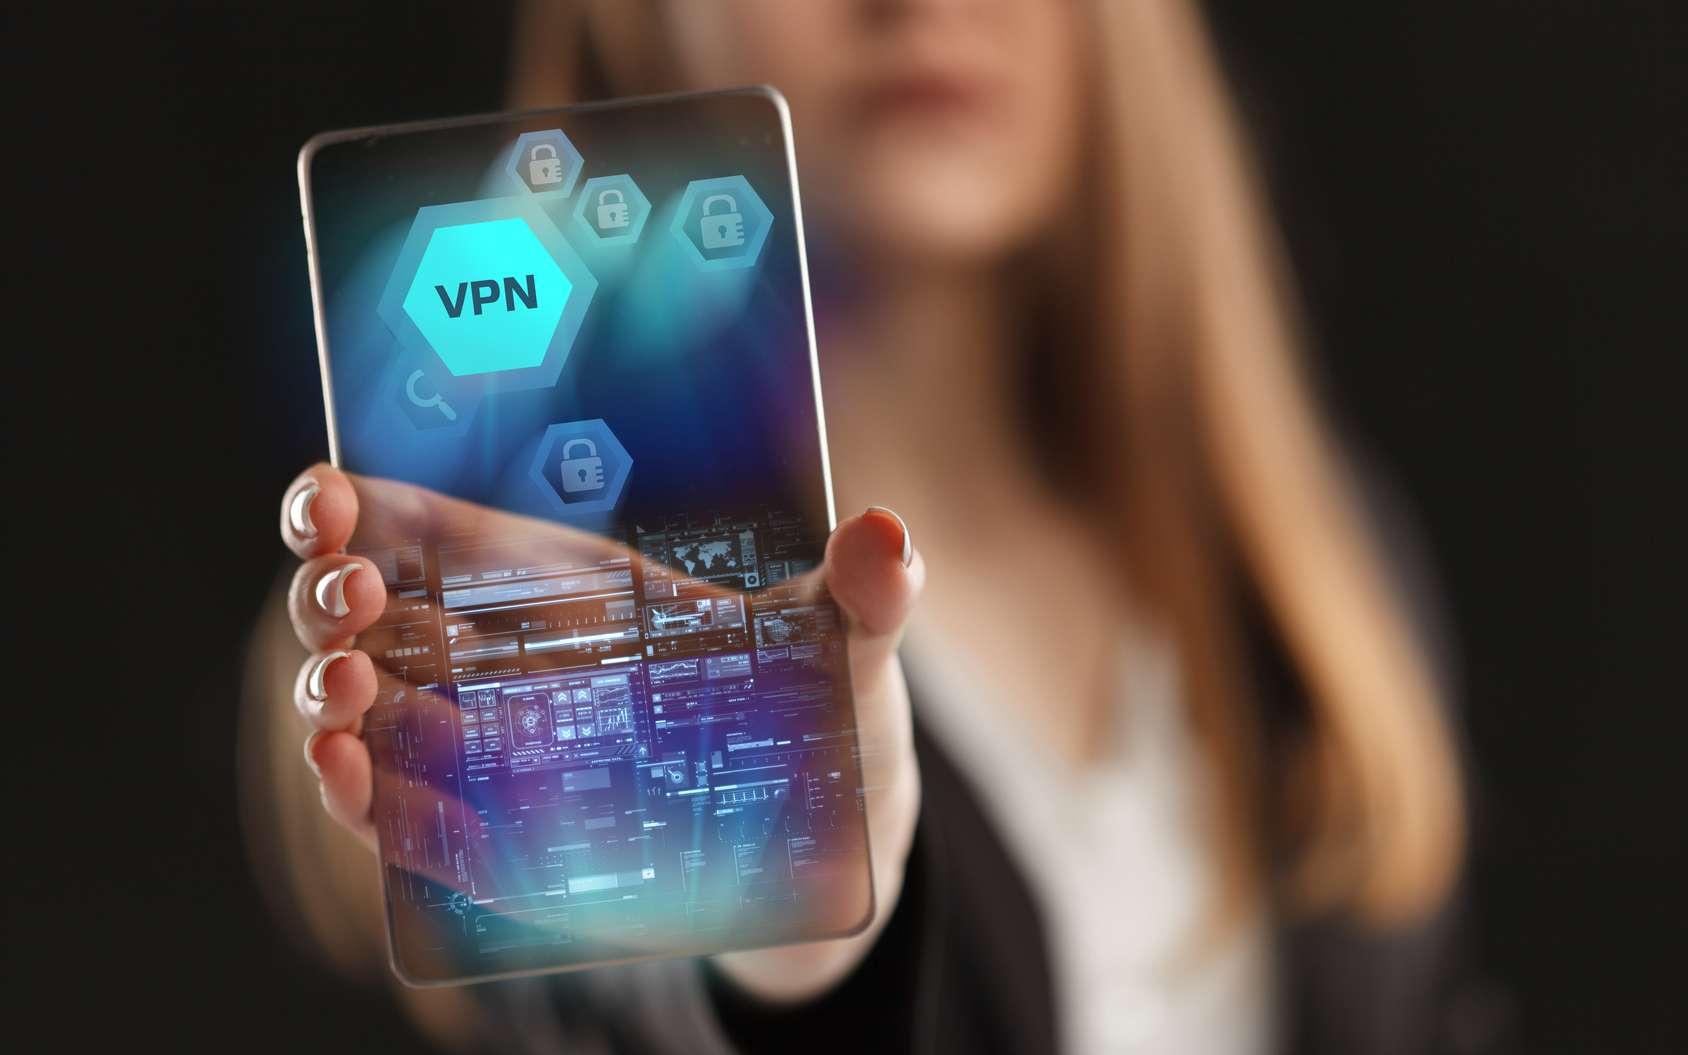 Alors que la plupart des VPN sont détectés par Netflix et bloquent la diffusion des contenus provenant des USA, PureVPN dispose d'une technique imparable pour contourner cette restriction. ©Futura